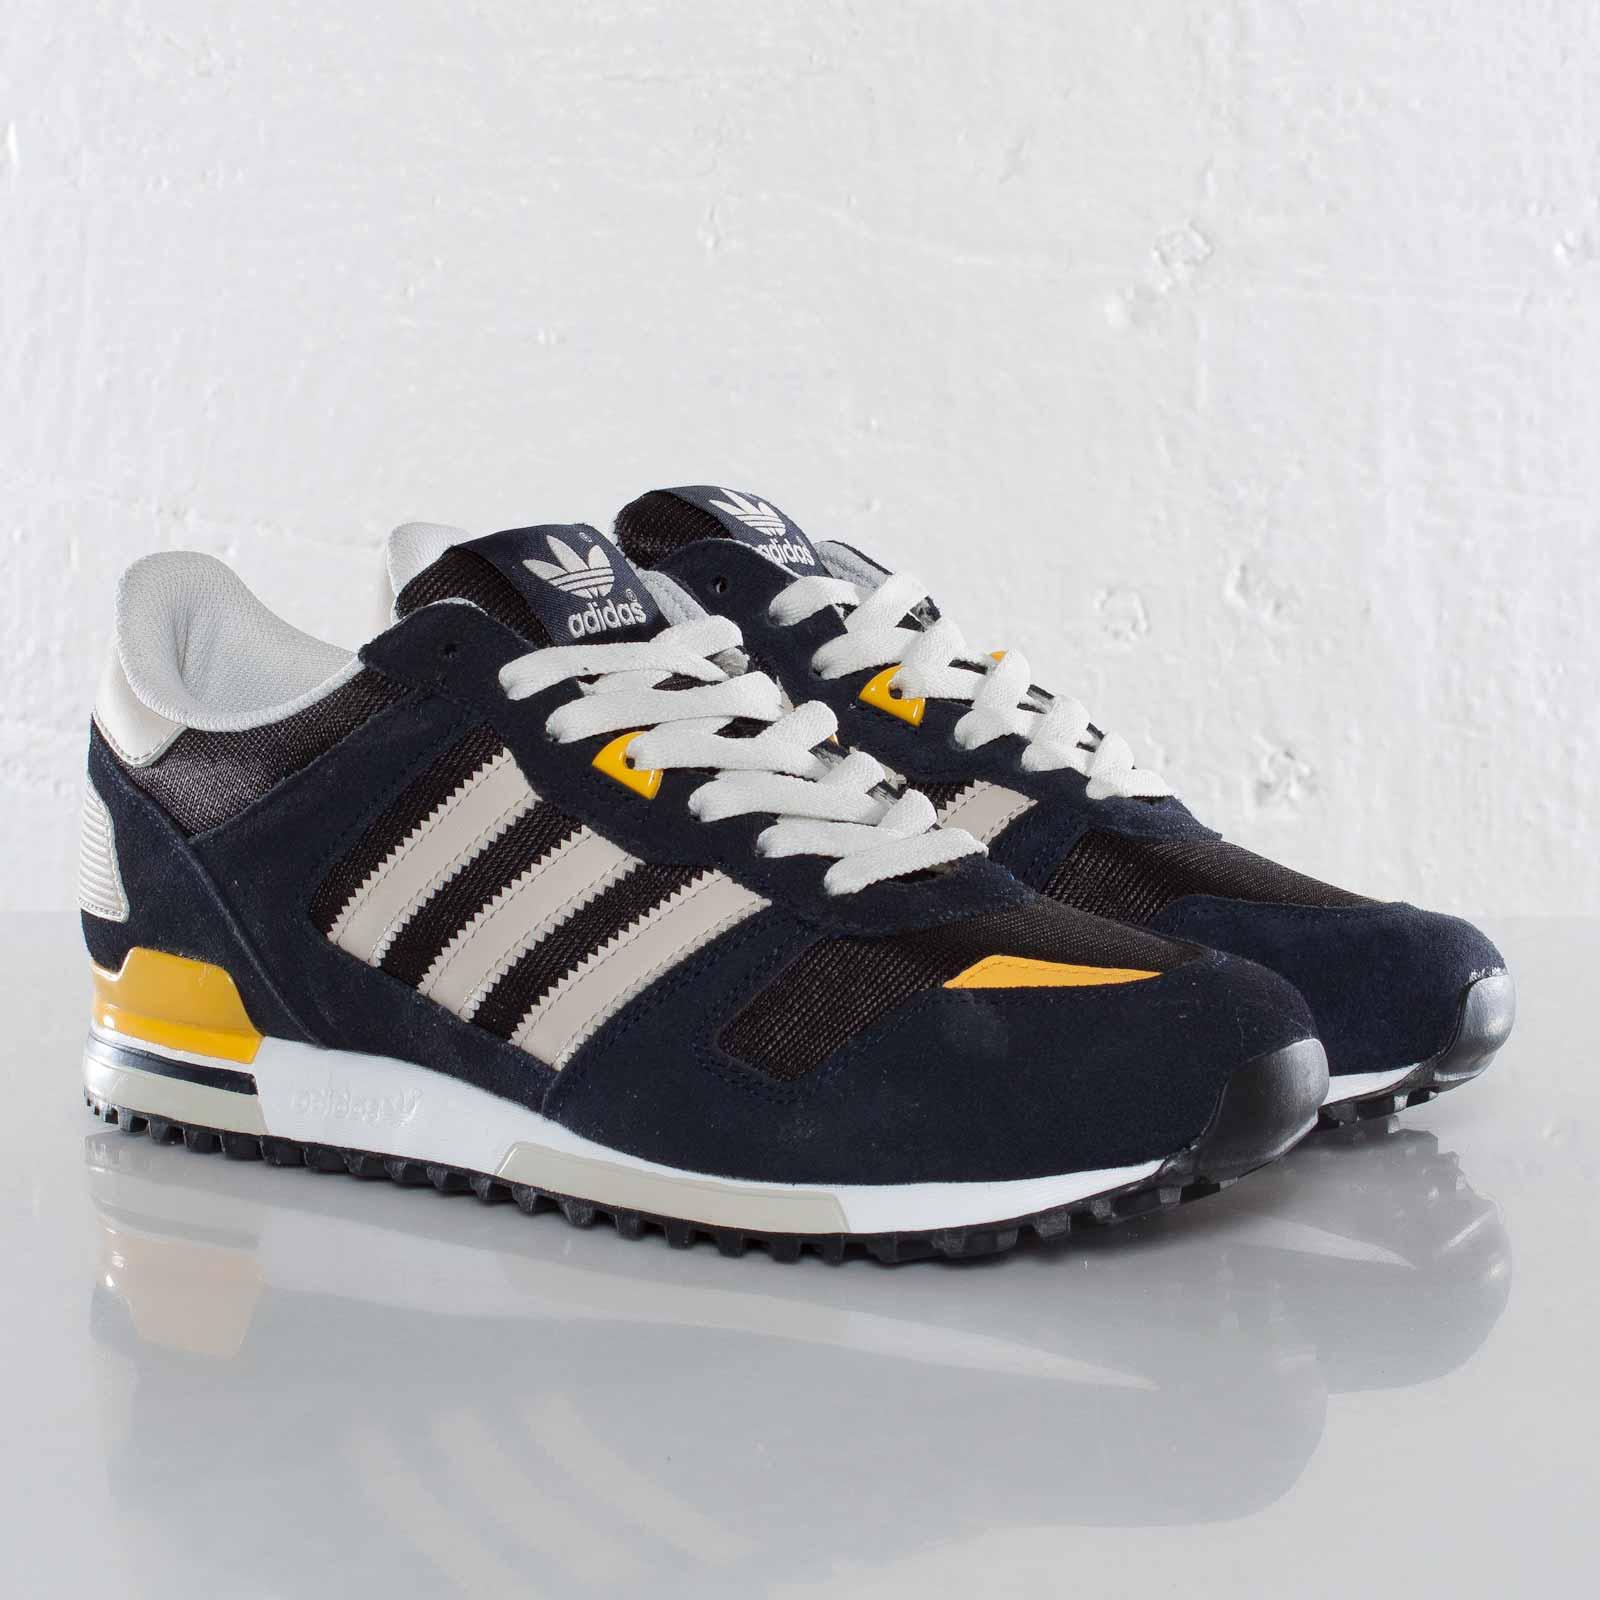 1a22f05d9bf2 adidas ZX 700 M - Q23444 - Sneakersnstuff